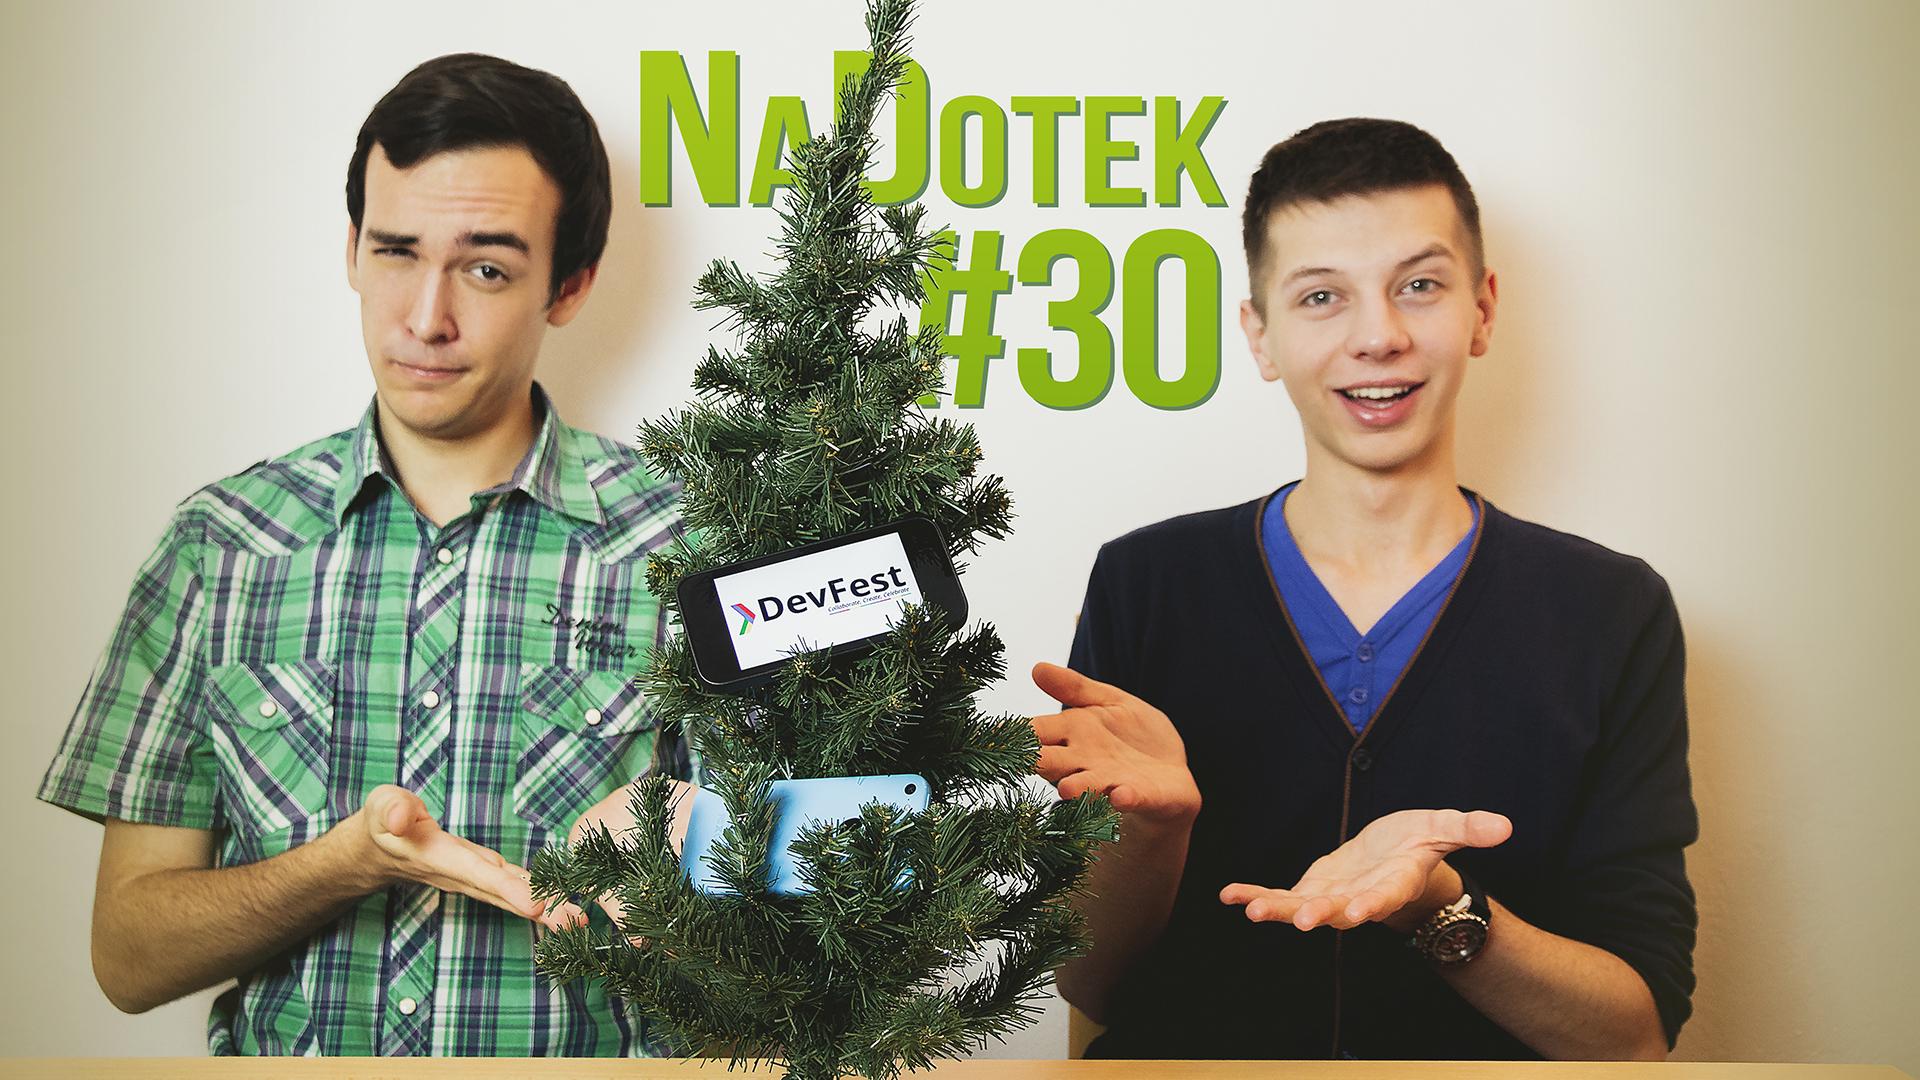 Na Dotek #30 – Co nám přinesl rok 2014 + DevFest Praha